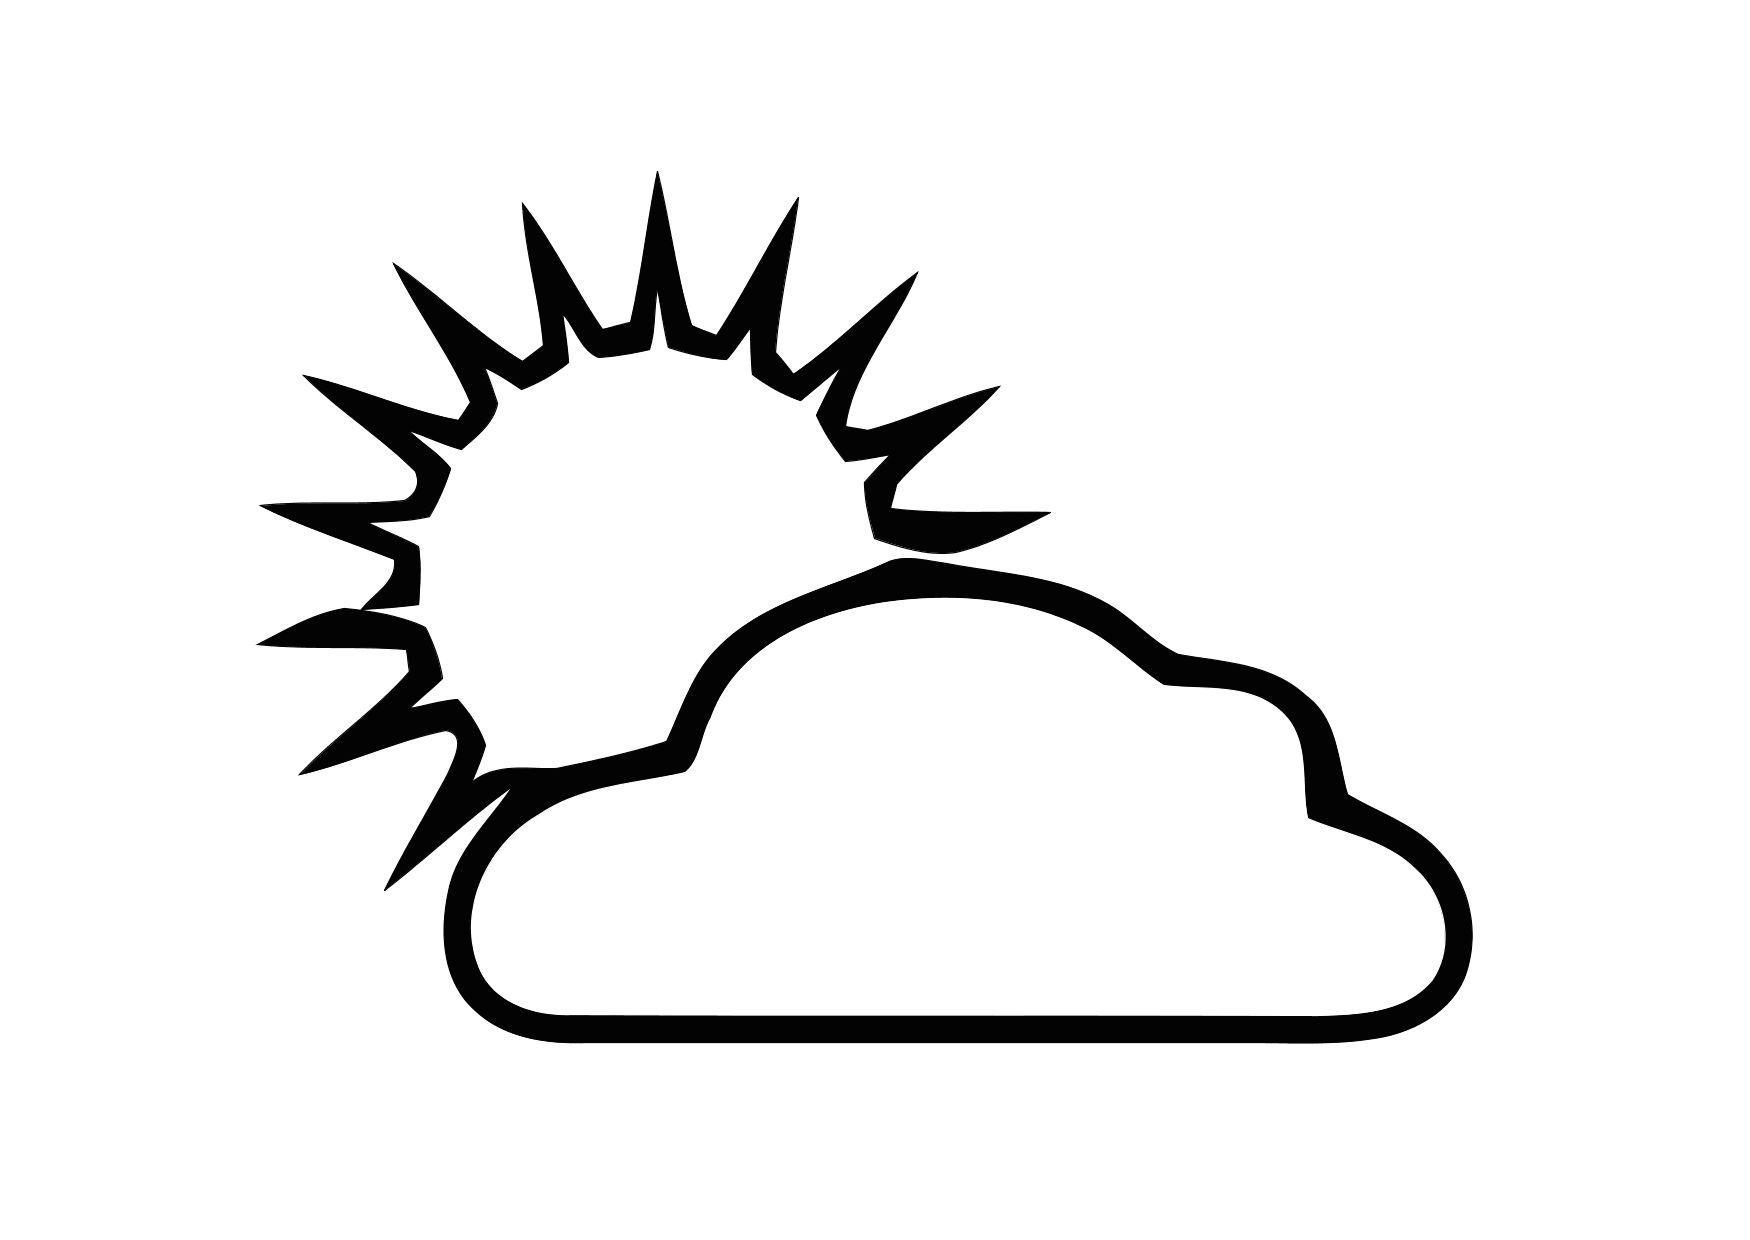 kleurplaat 01a bewolkt met zon gratis kleurplaten om te